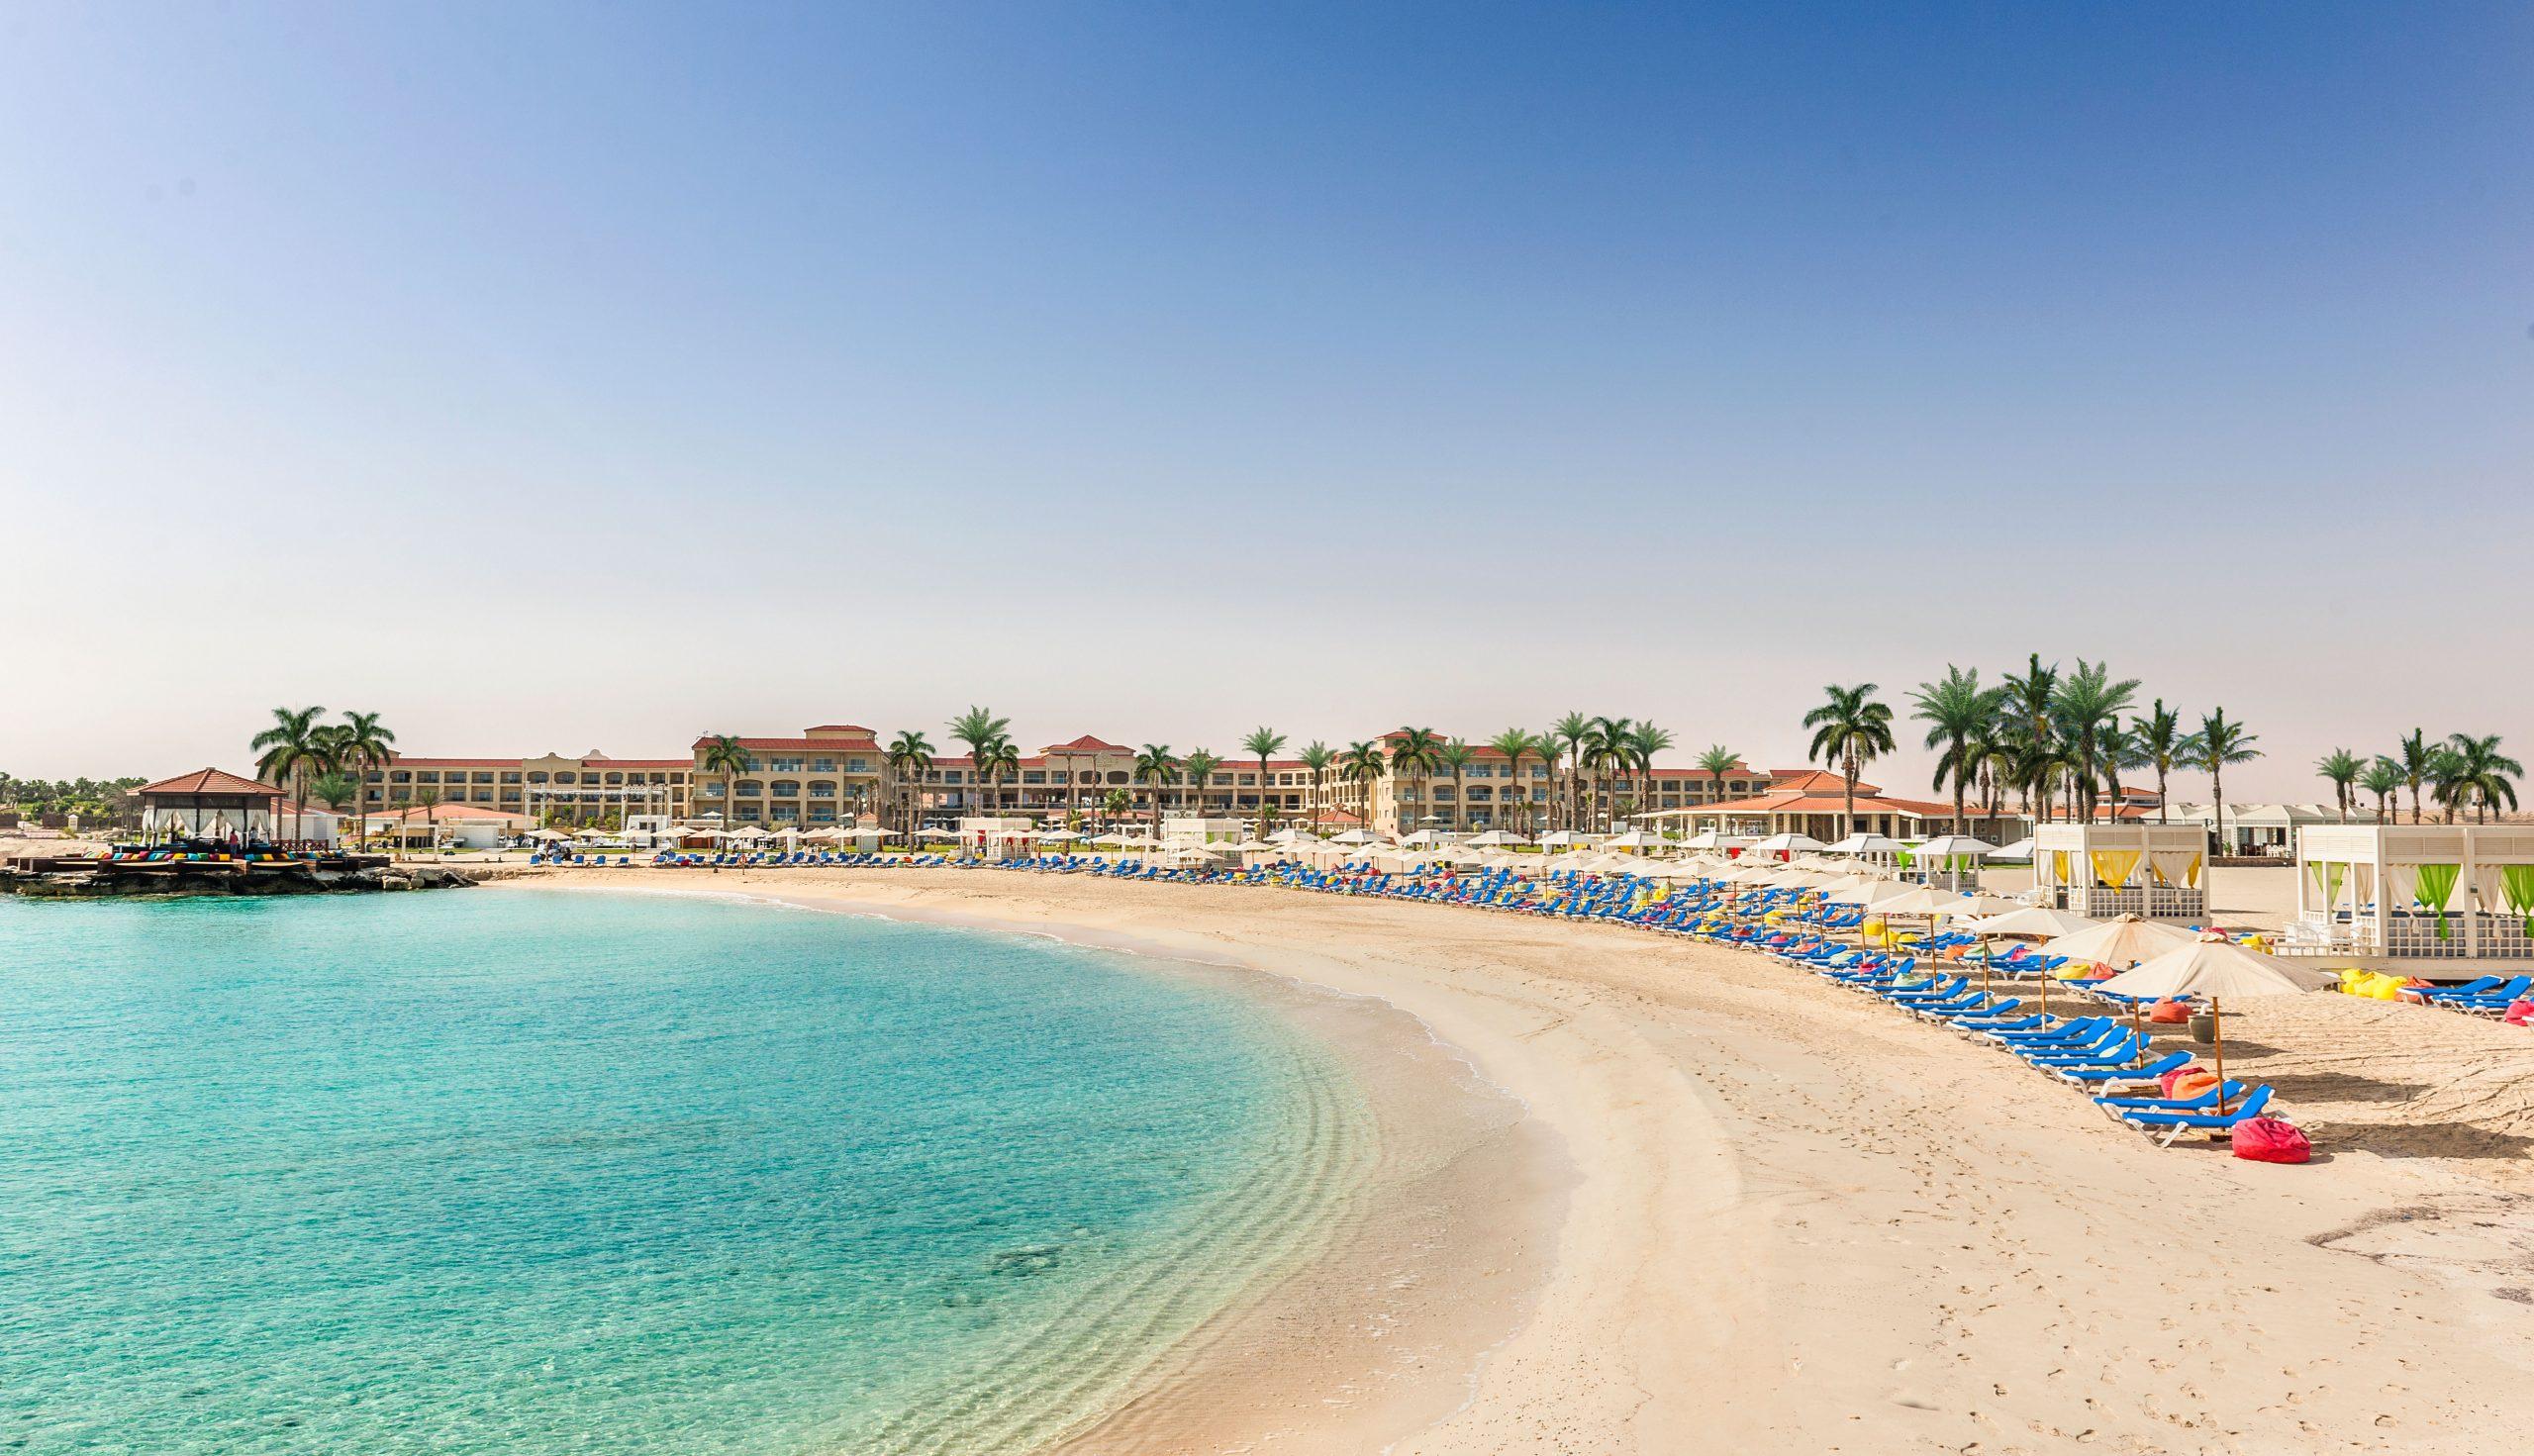 الاحتفال بعيد الأضحى المُبارك بفخامة مع فنادق ريكسوس مصر